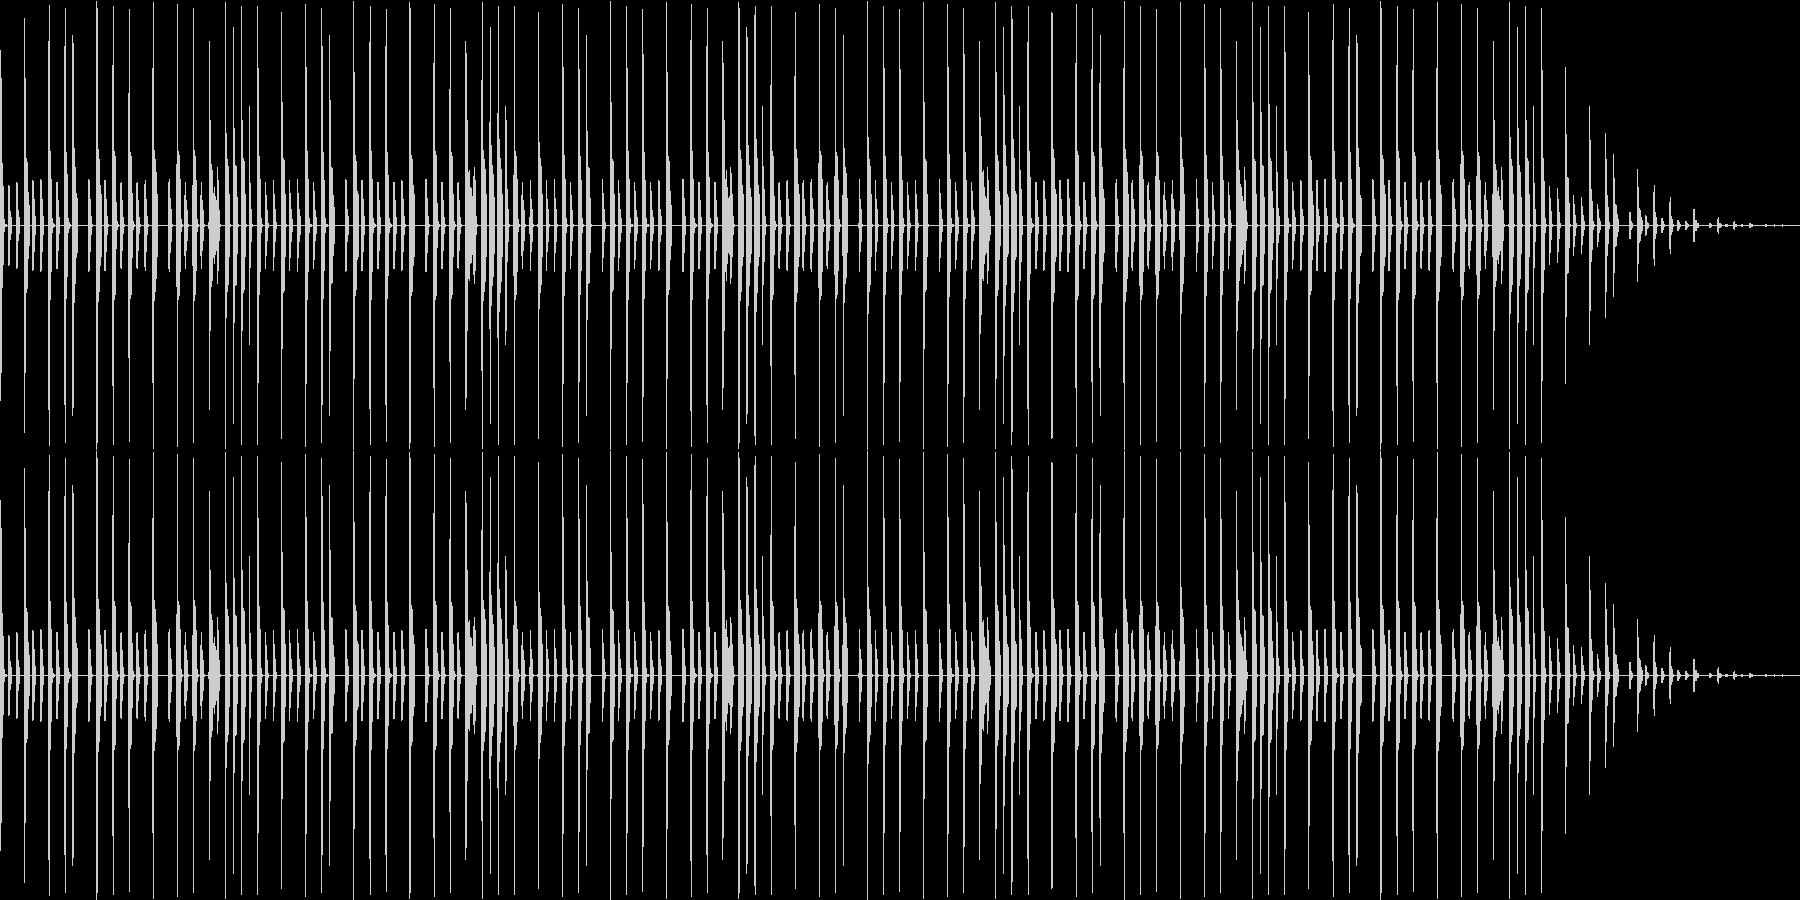 昔のパソコンの音源を使ったリズムループの未再生の波形